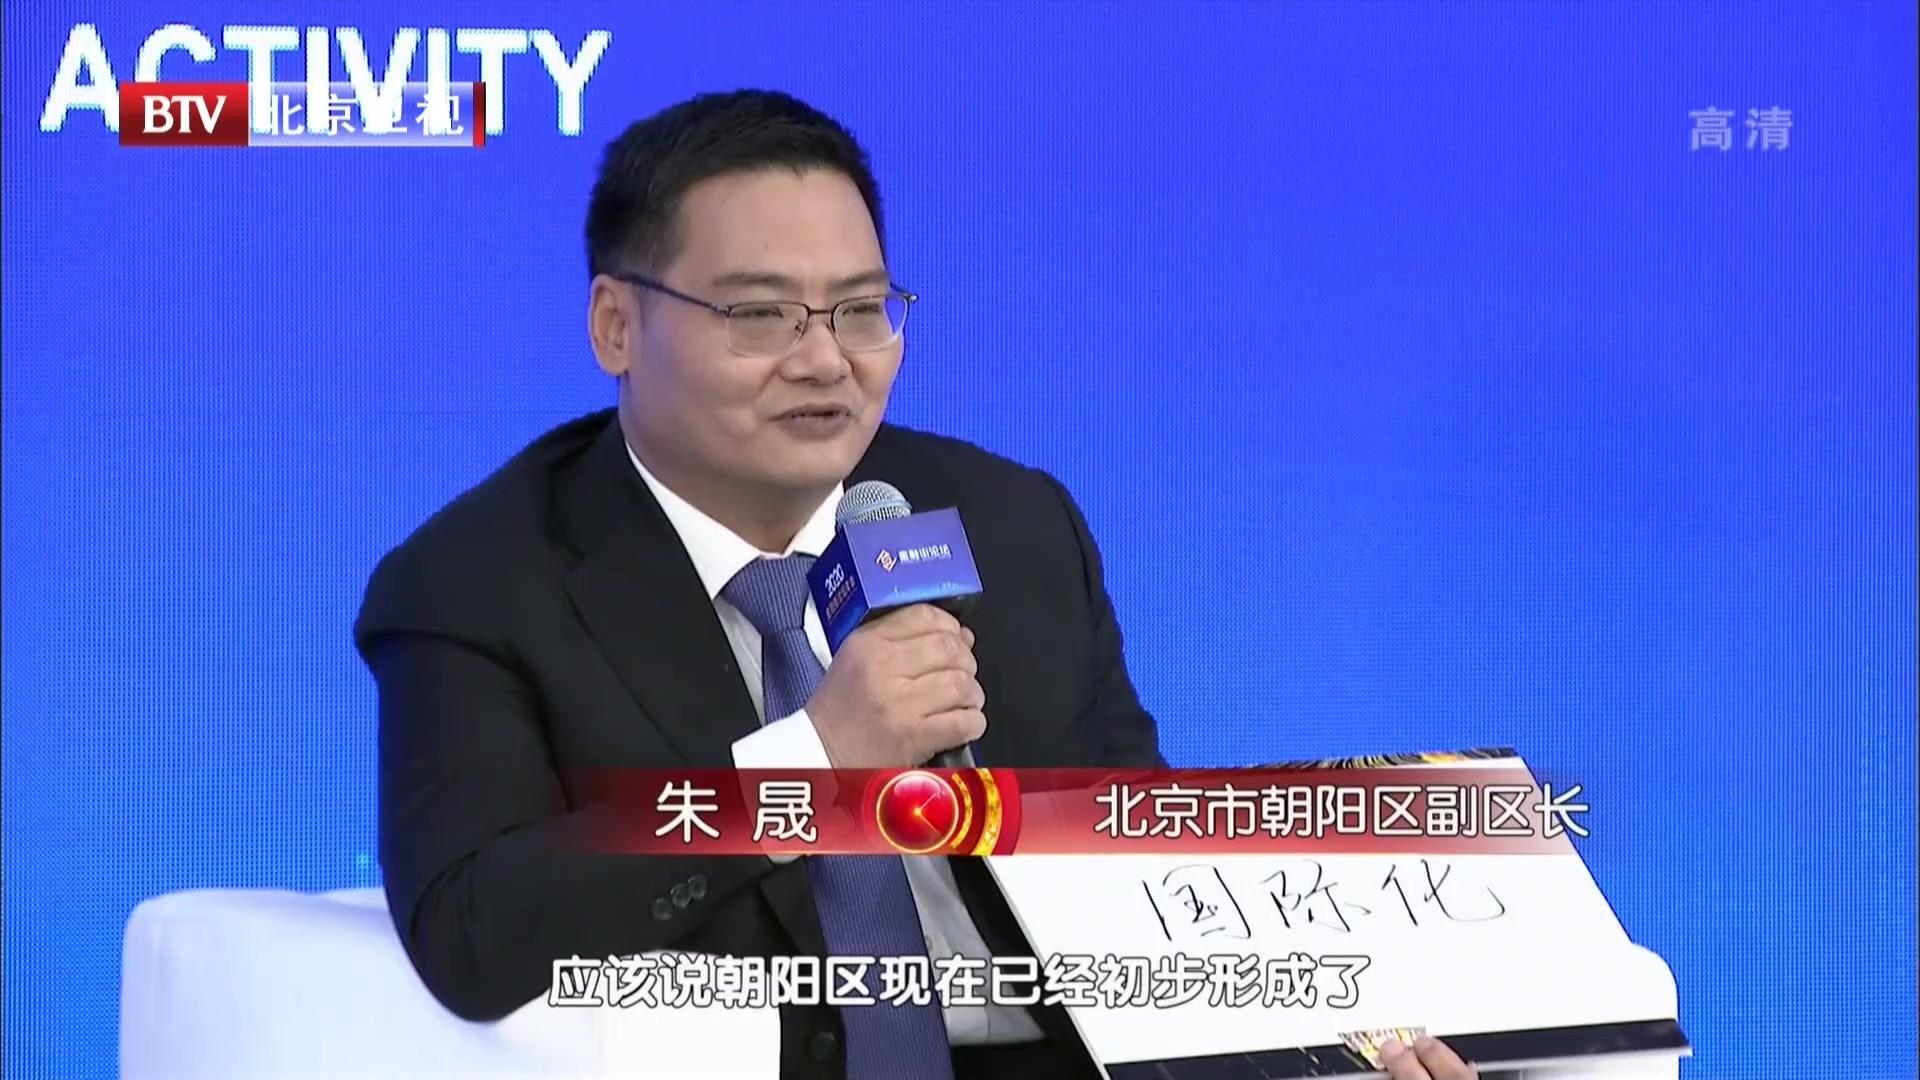 《论道金融街》2020金融街论坛年会 北京广播电视台特别报道